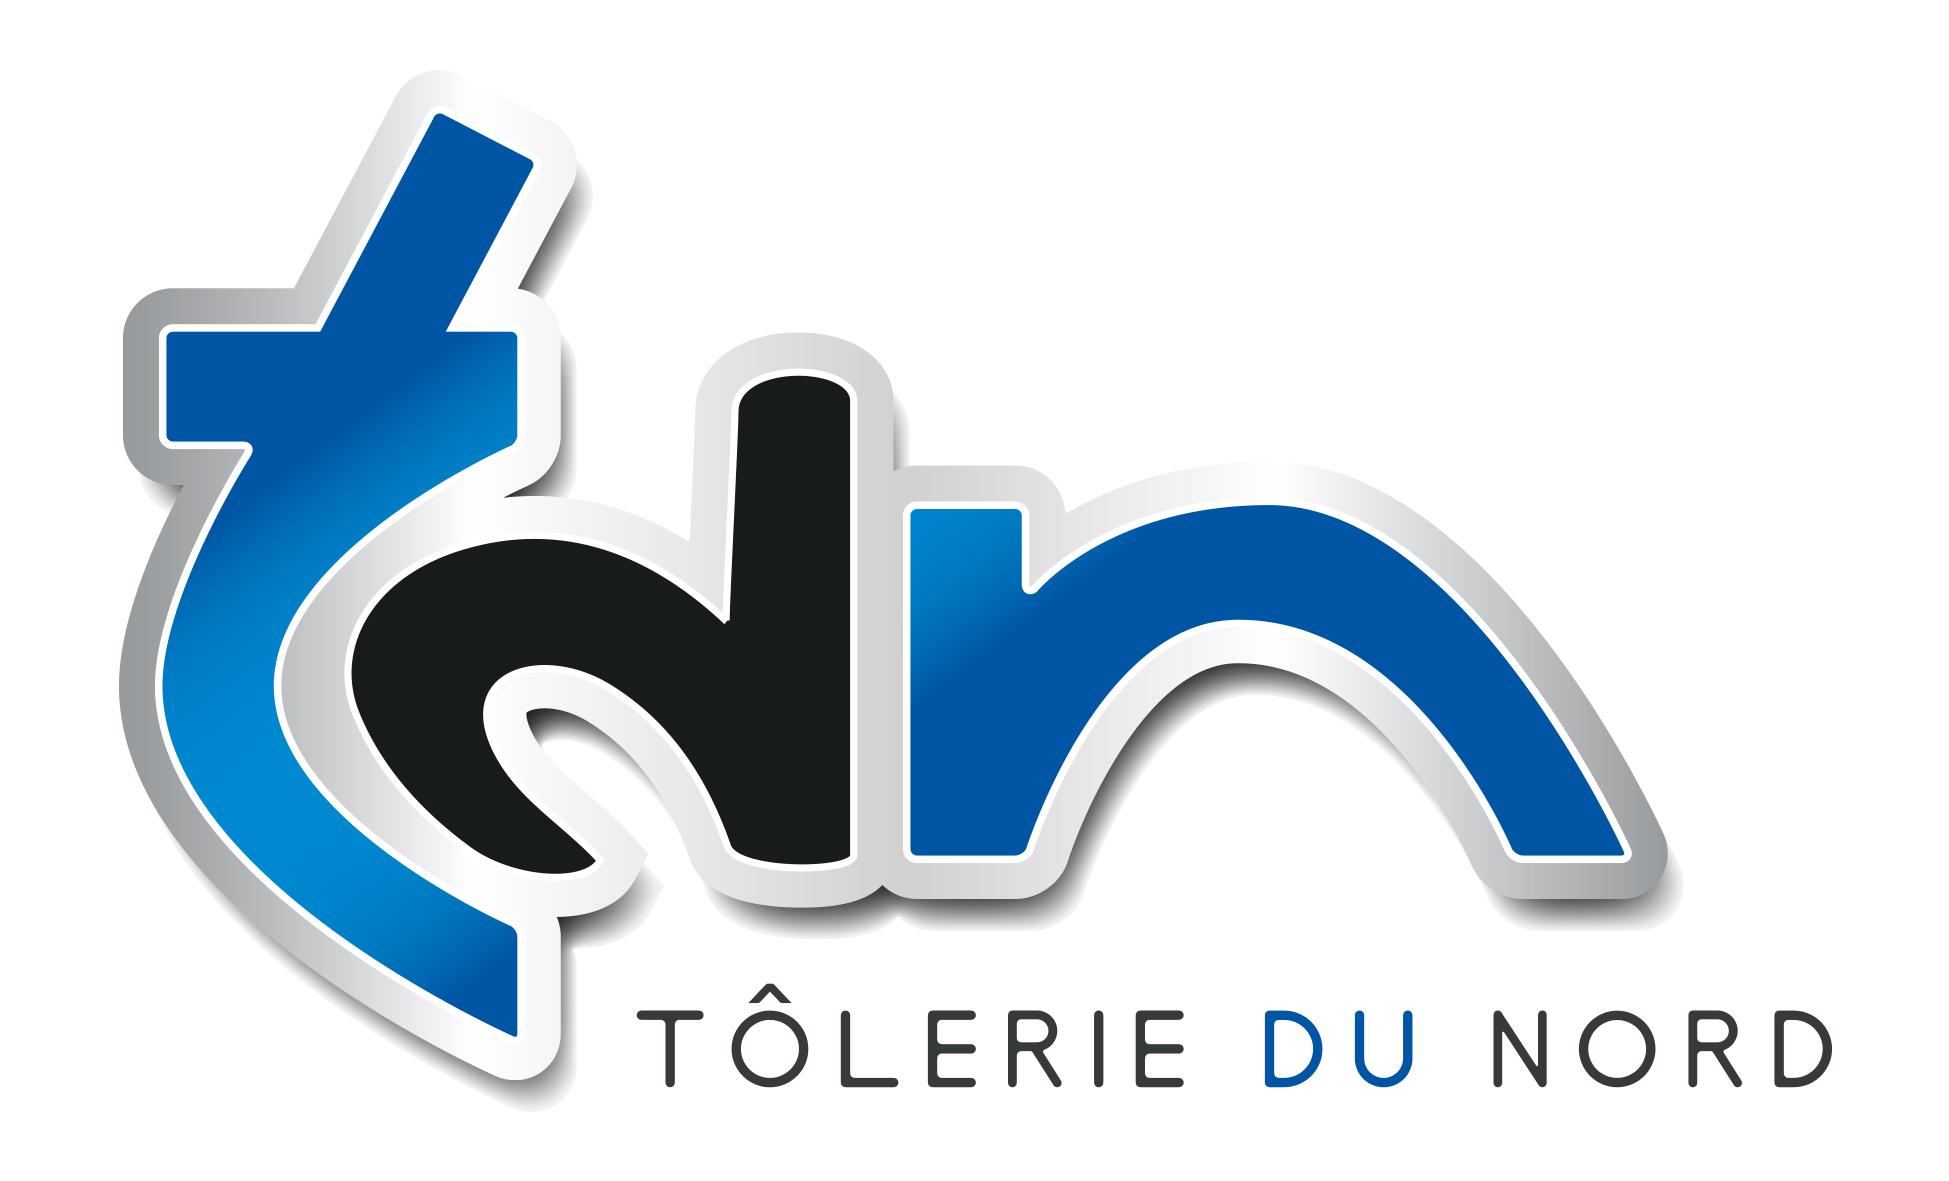 1546512243-tolerie-du-nord.jpg